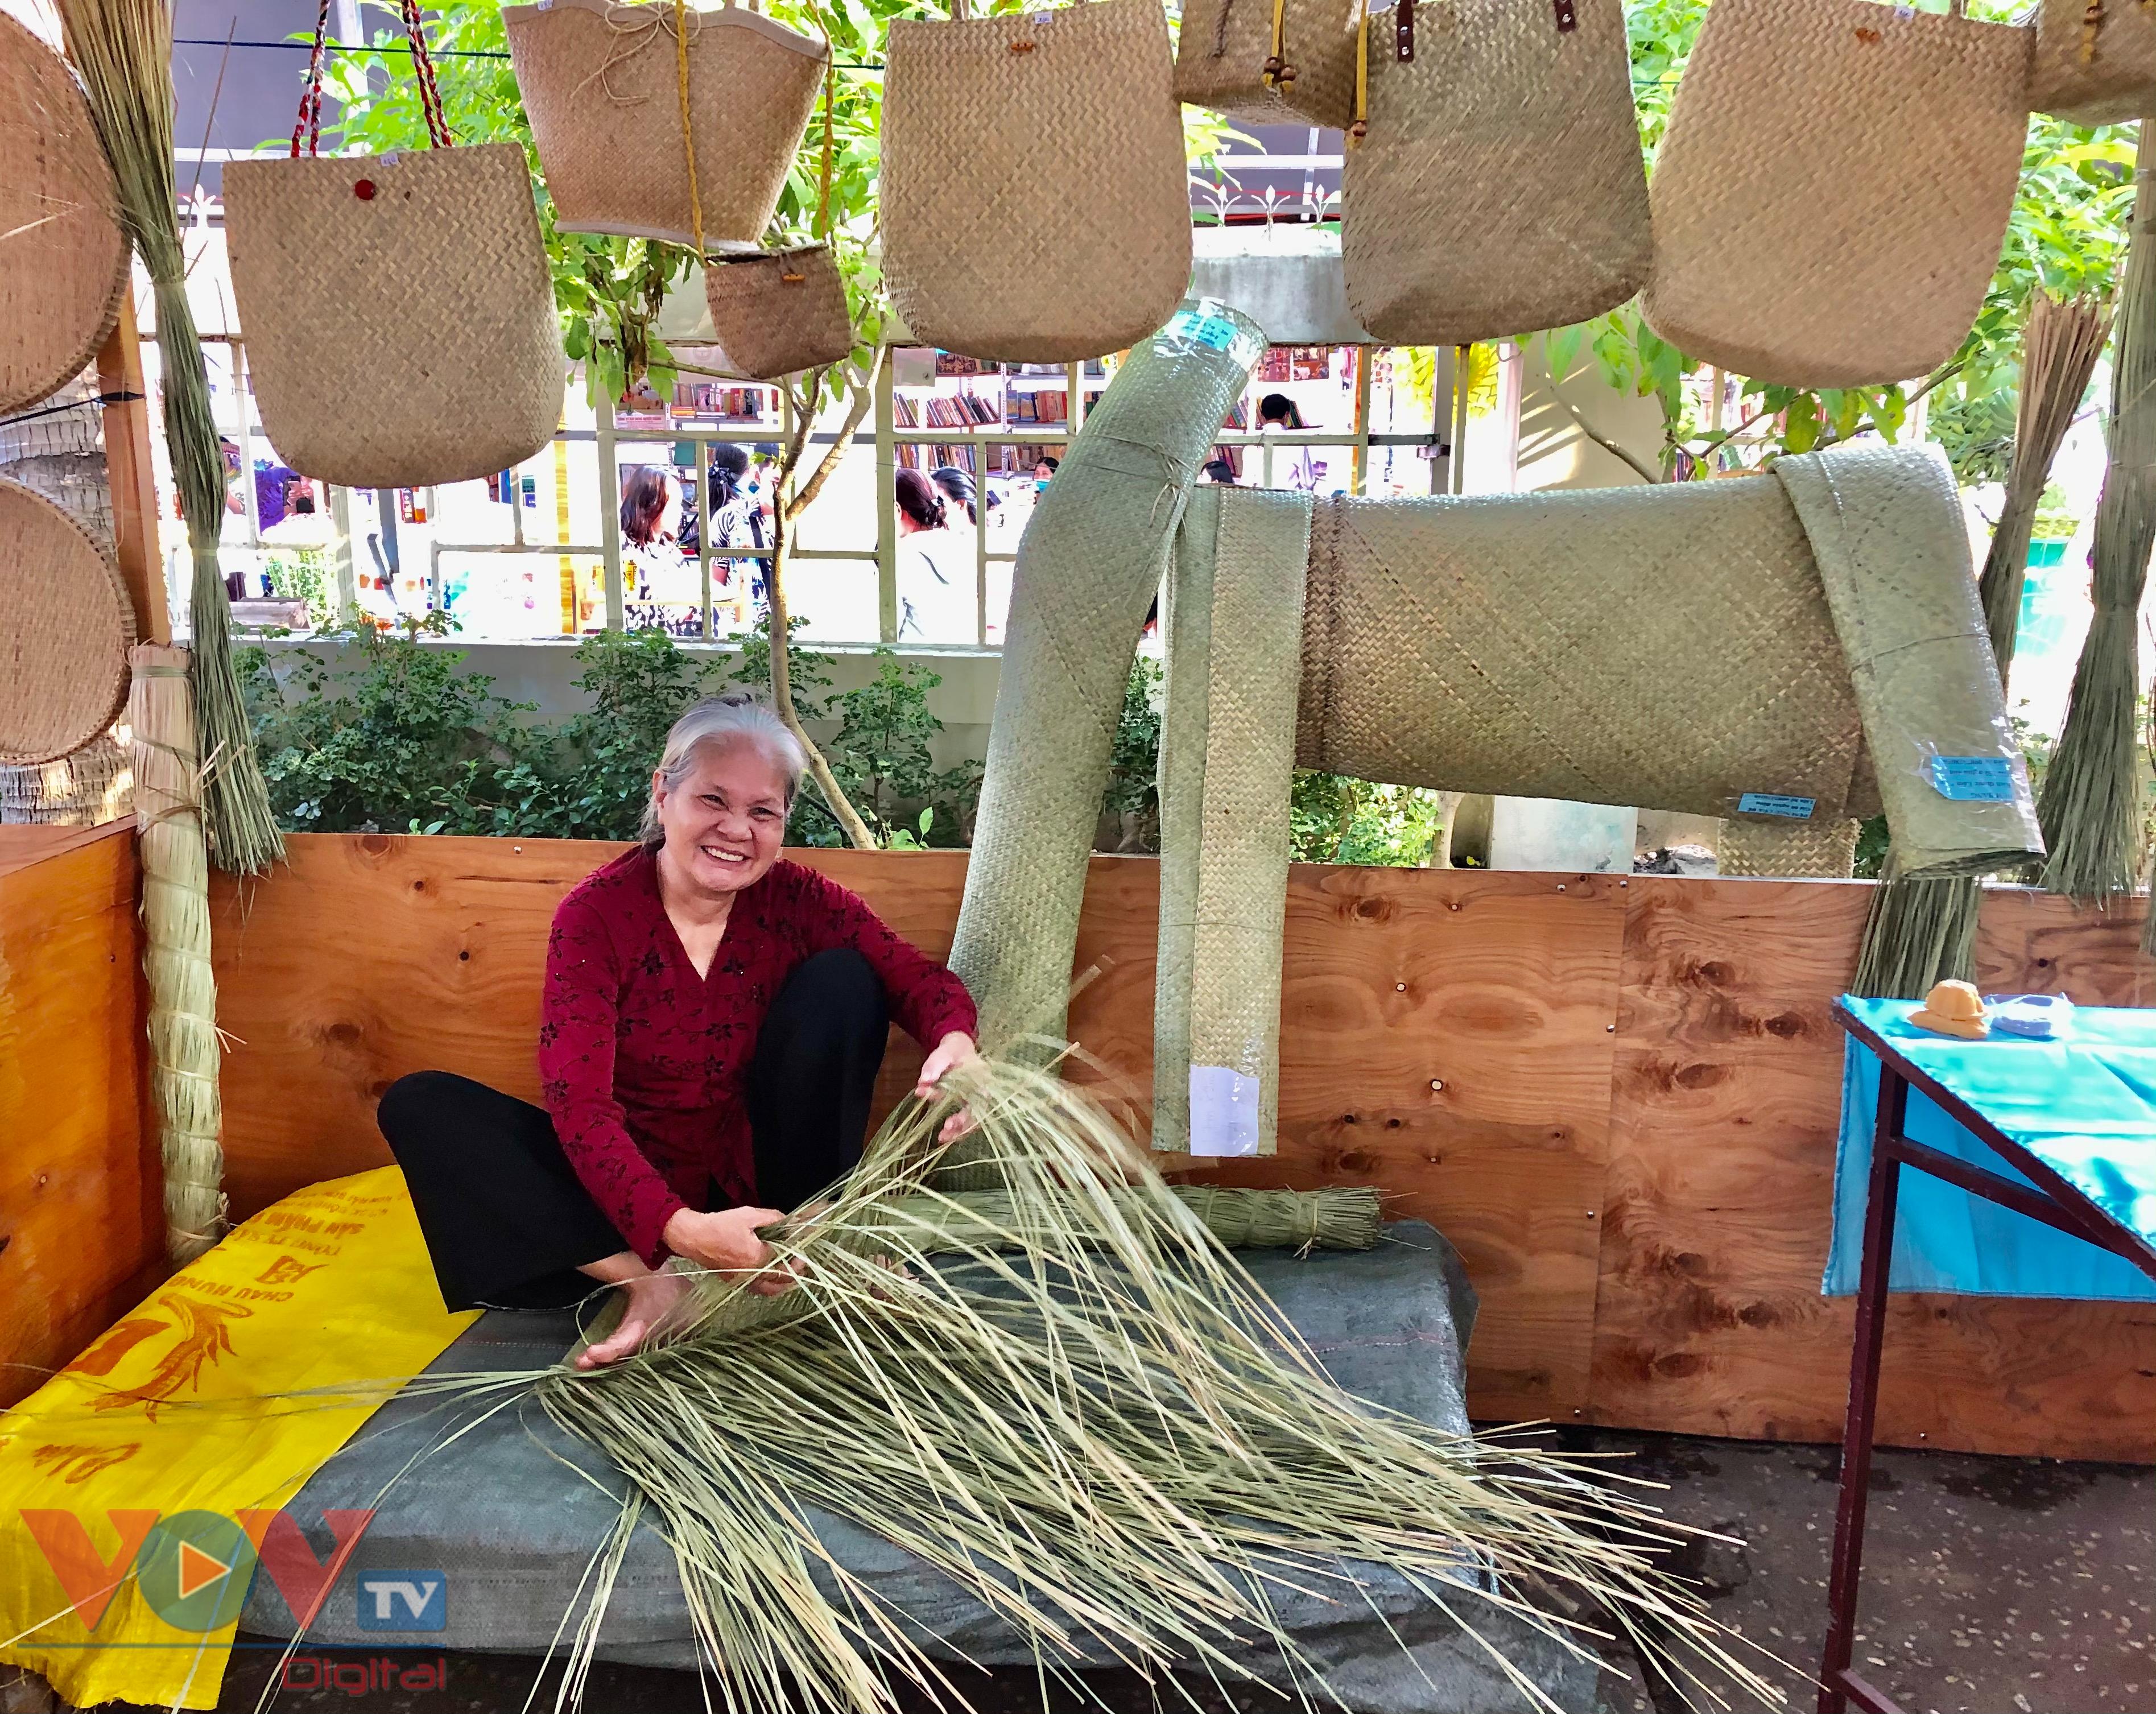 Nghệ nhân đan giỏ lát biểu diễn tại gian trưng bày.jpg